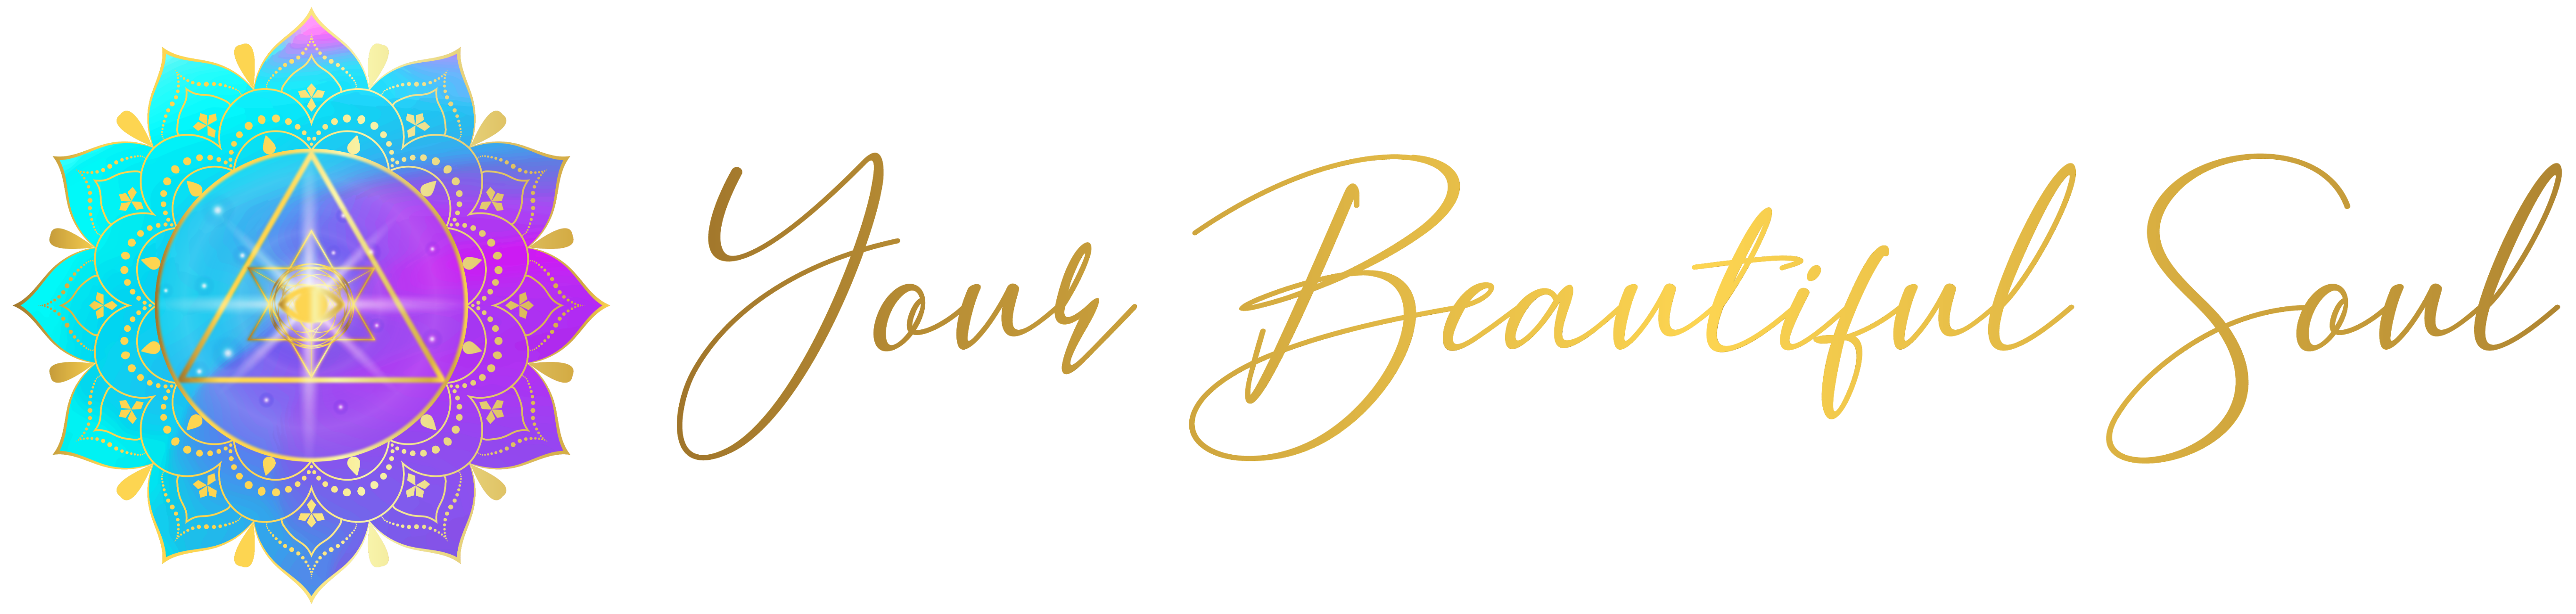 Your Beautiful Soul Logo